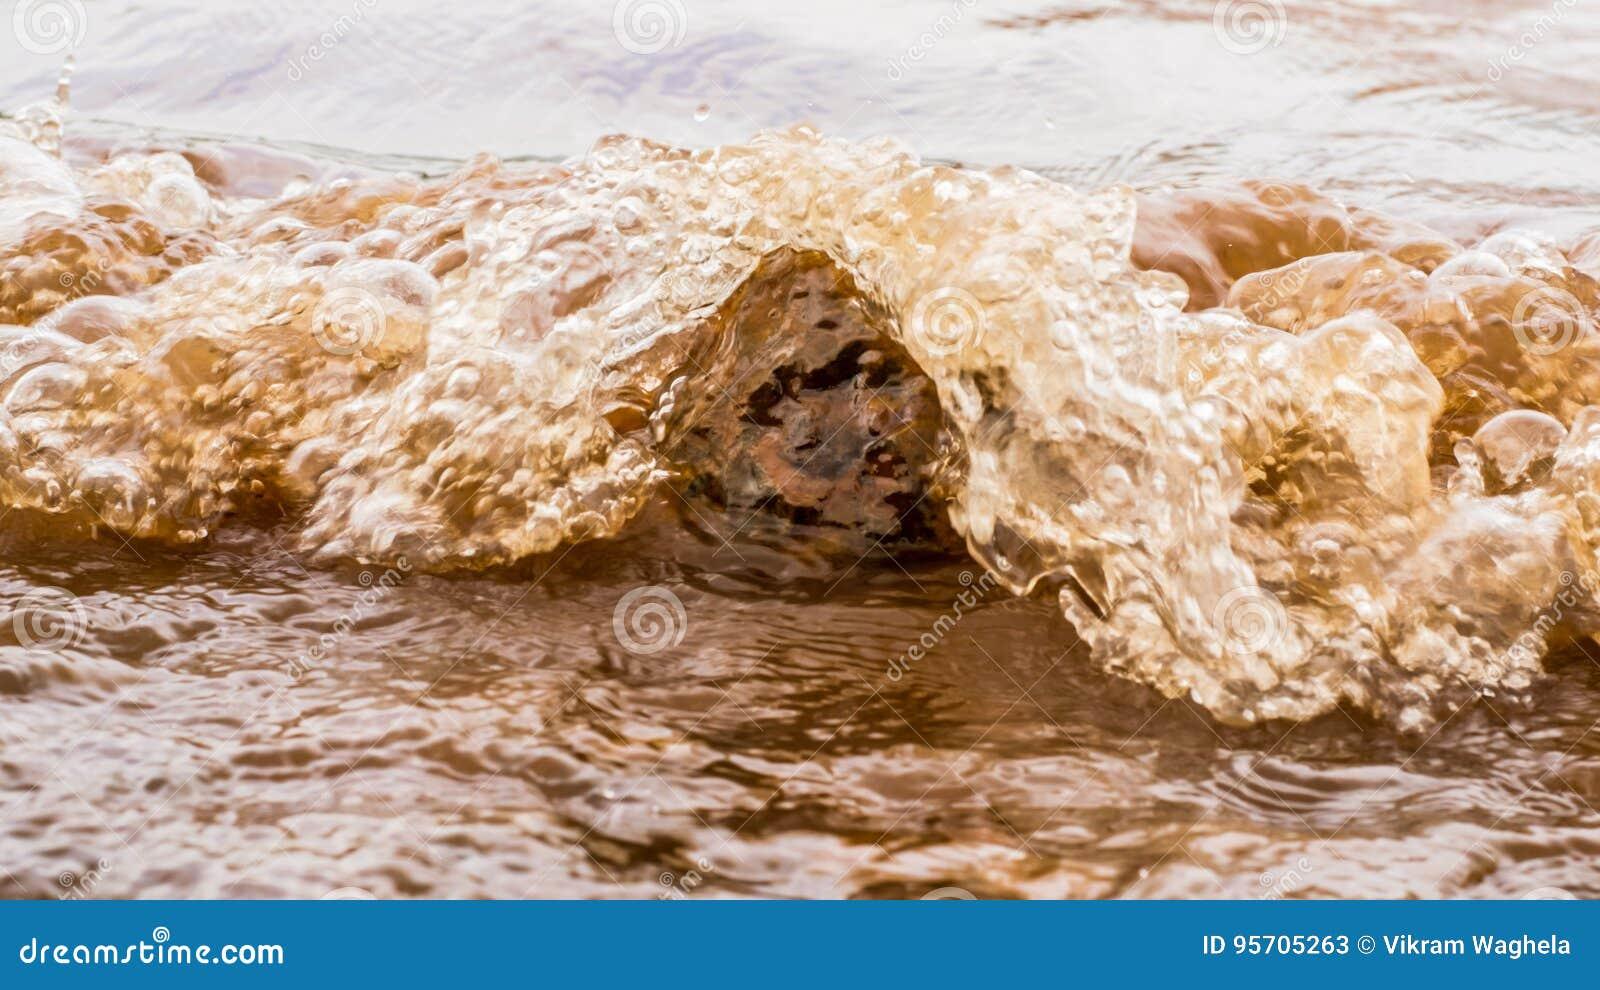 Muddy Water Waves Hitting ein Felsen, Panshet